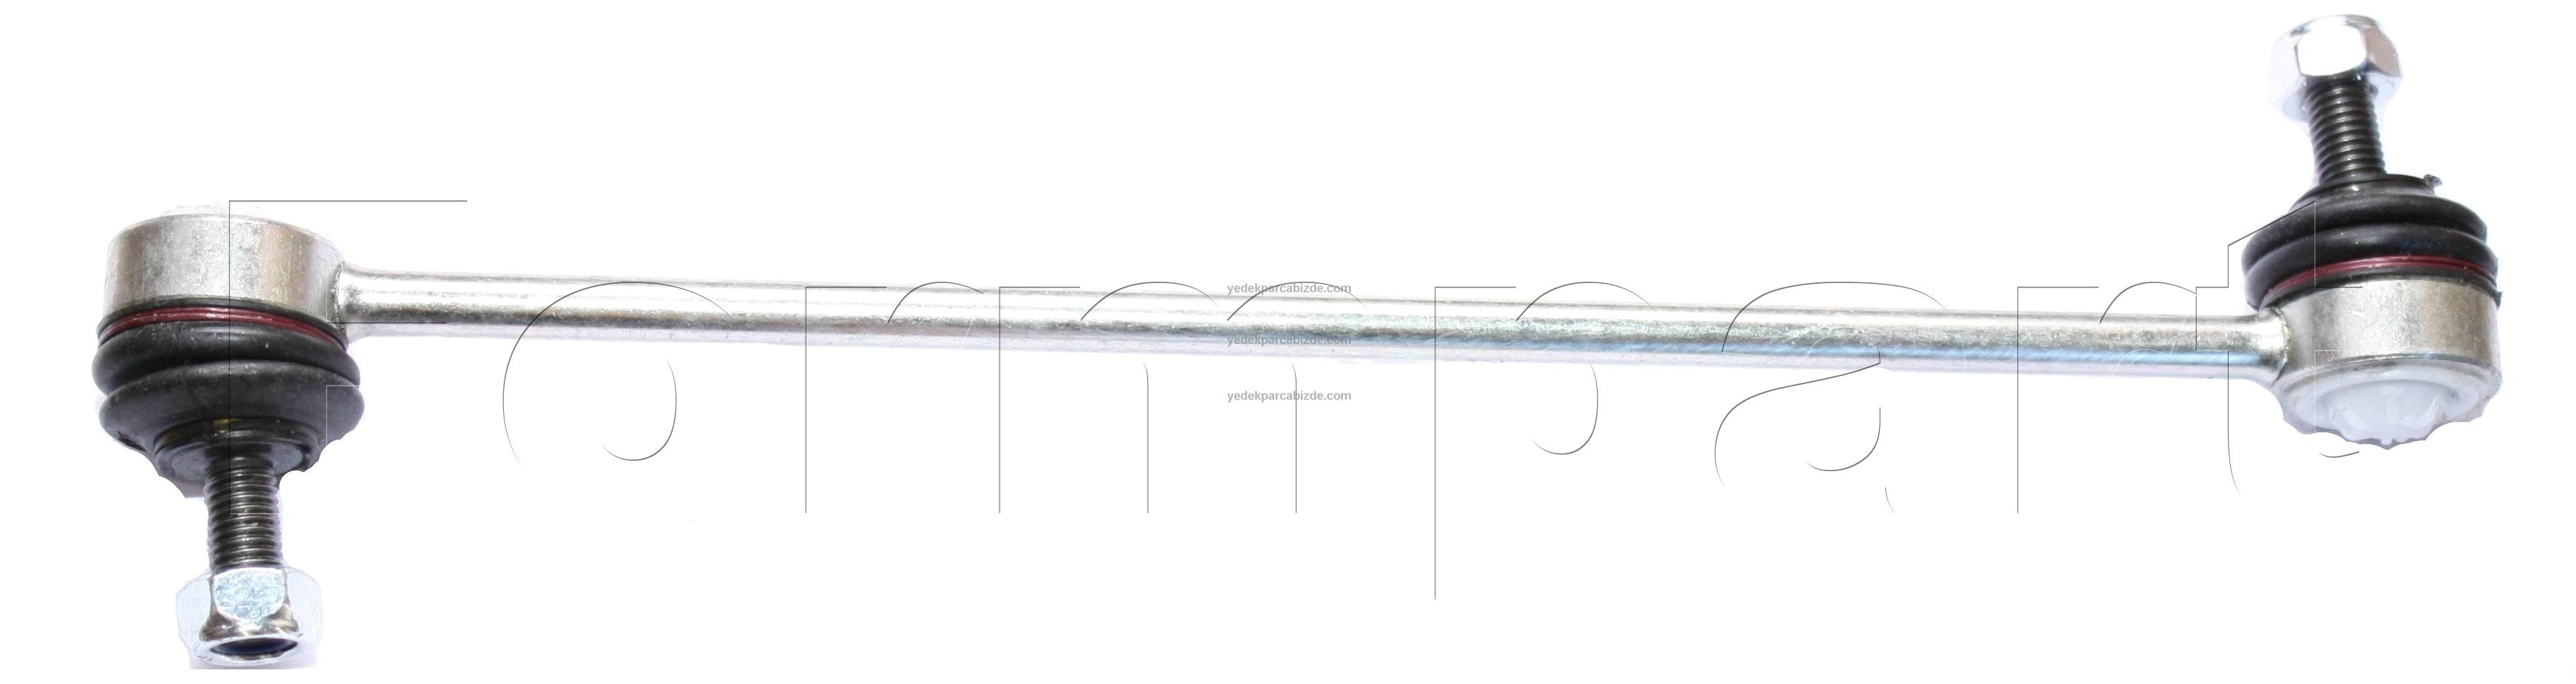 Стойки стабилизатора передние форд мондео 4 11 фотография